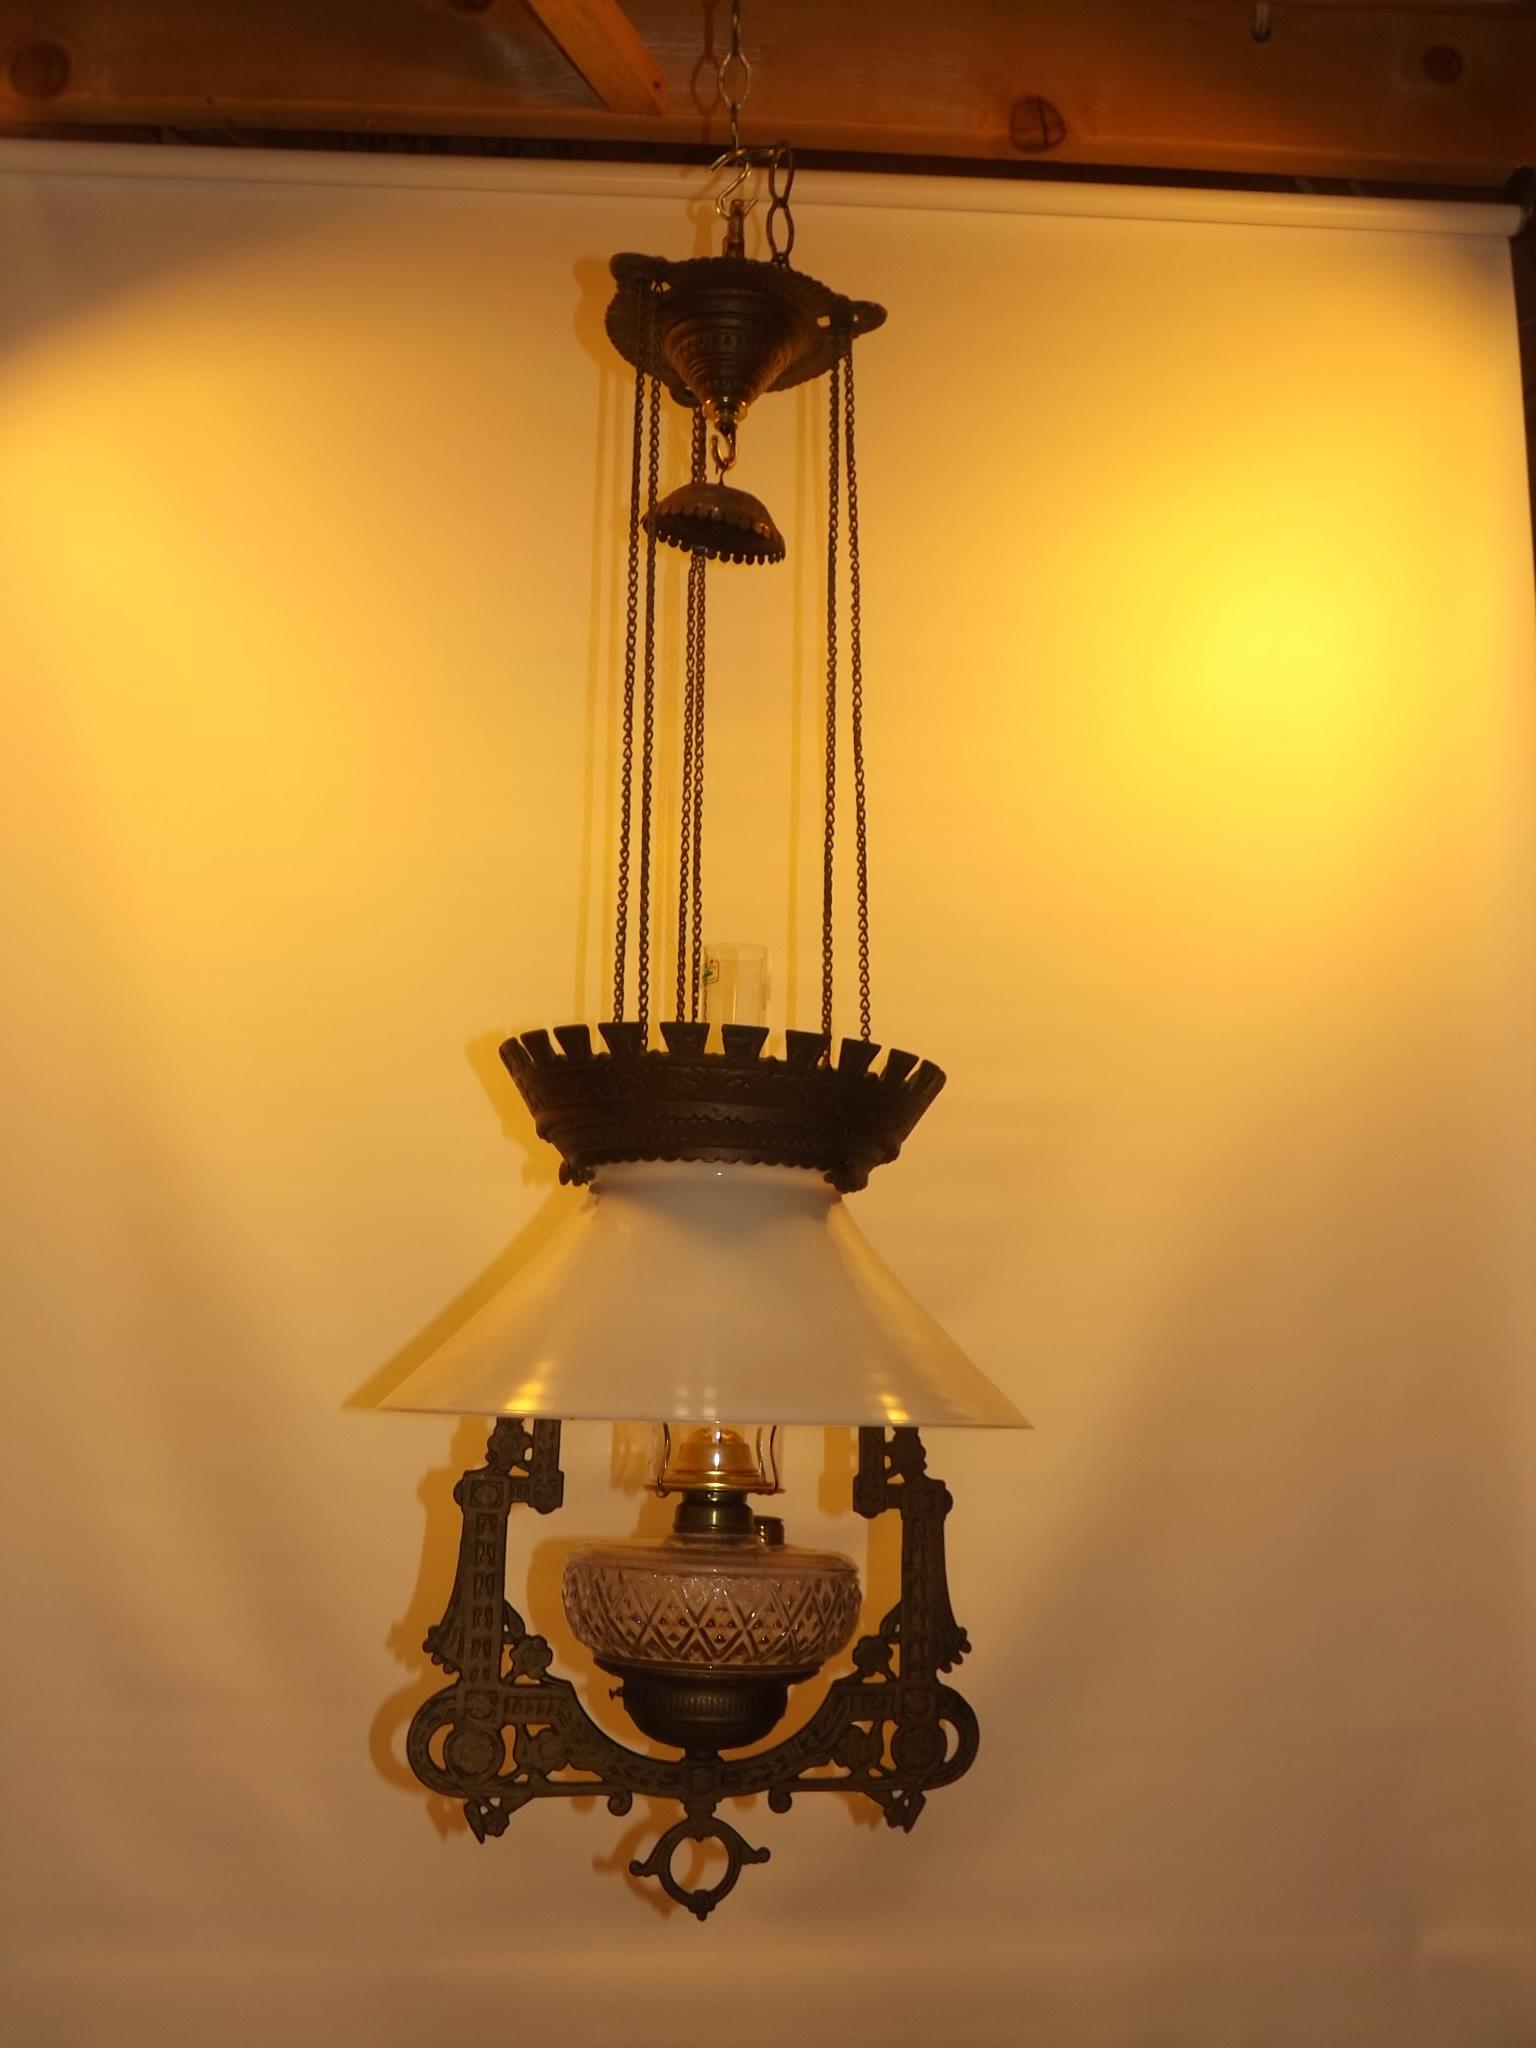 Antique Cast Iron Hanging Lamp